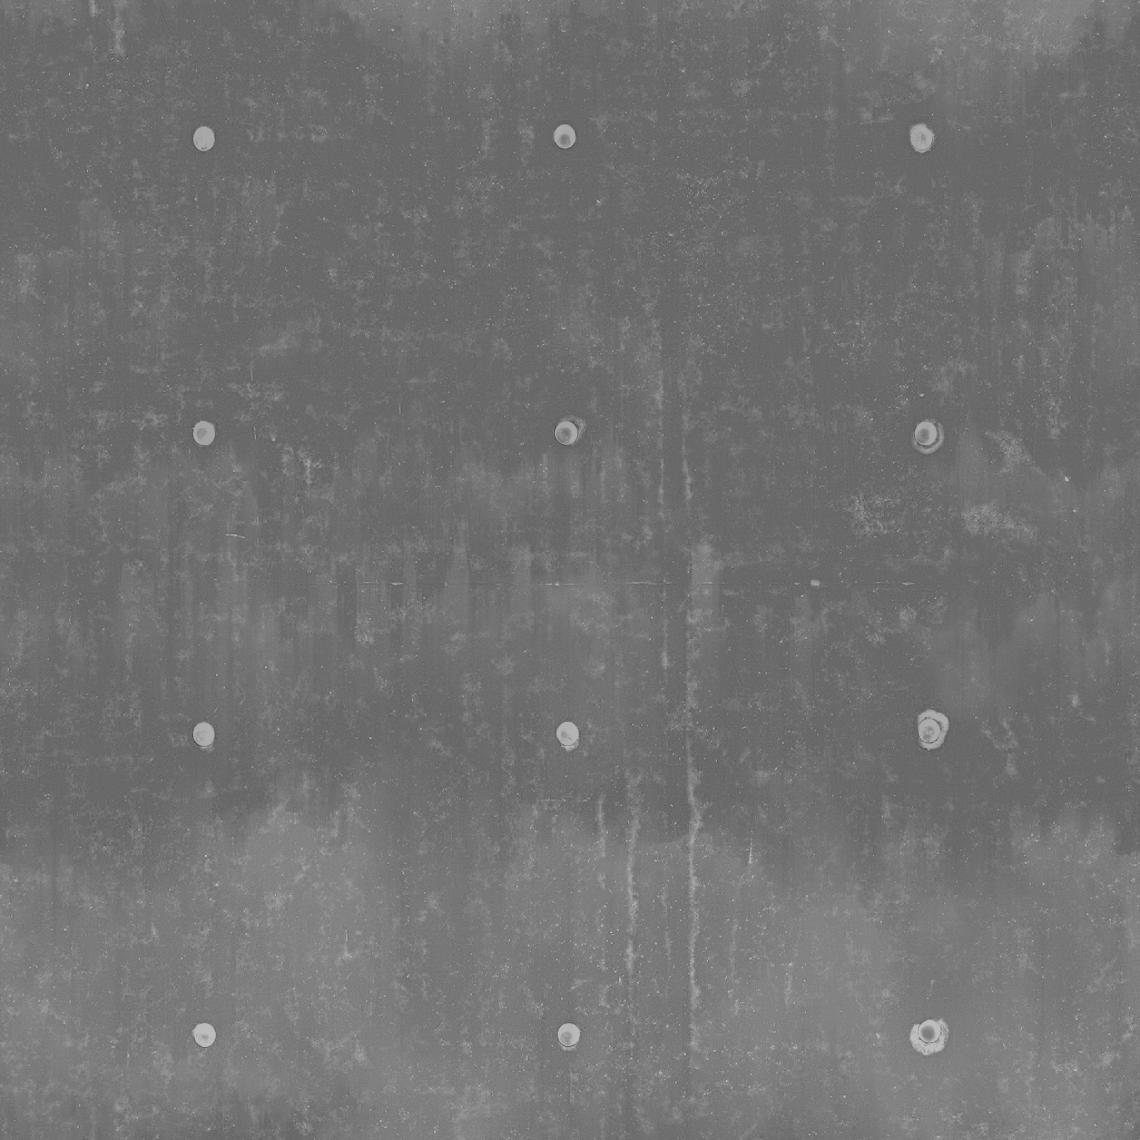 Plain-Concrete-01-Roughness